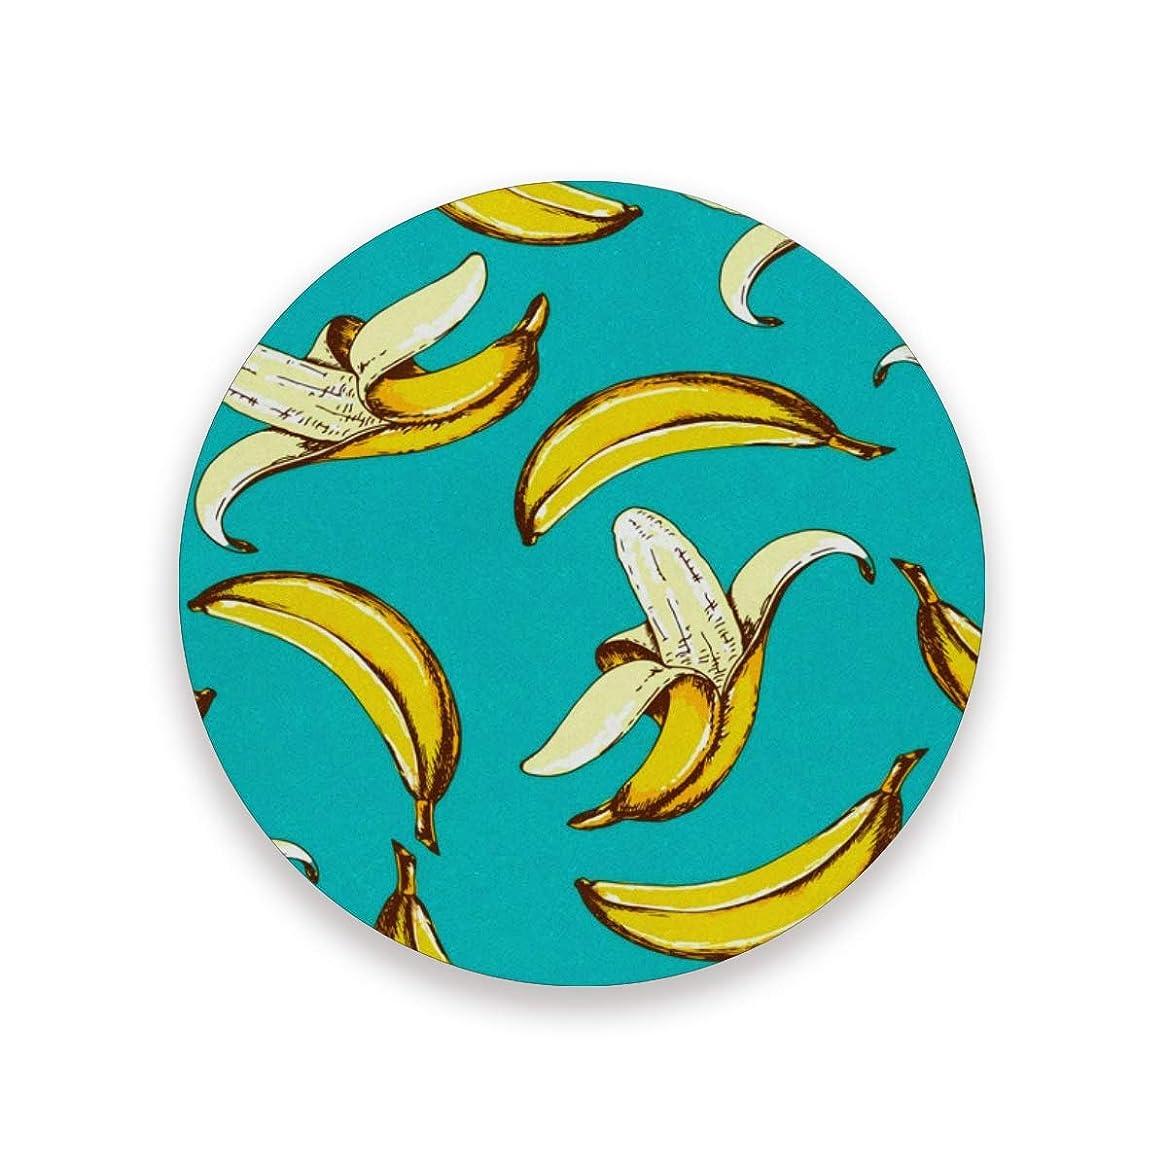 満たす帰するお母さんコースター おしゃれ 茶パッド バナナ ブルー 滑り止め エコ 速乾 抗菌 消臭 1枚セット